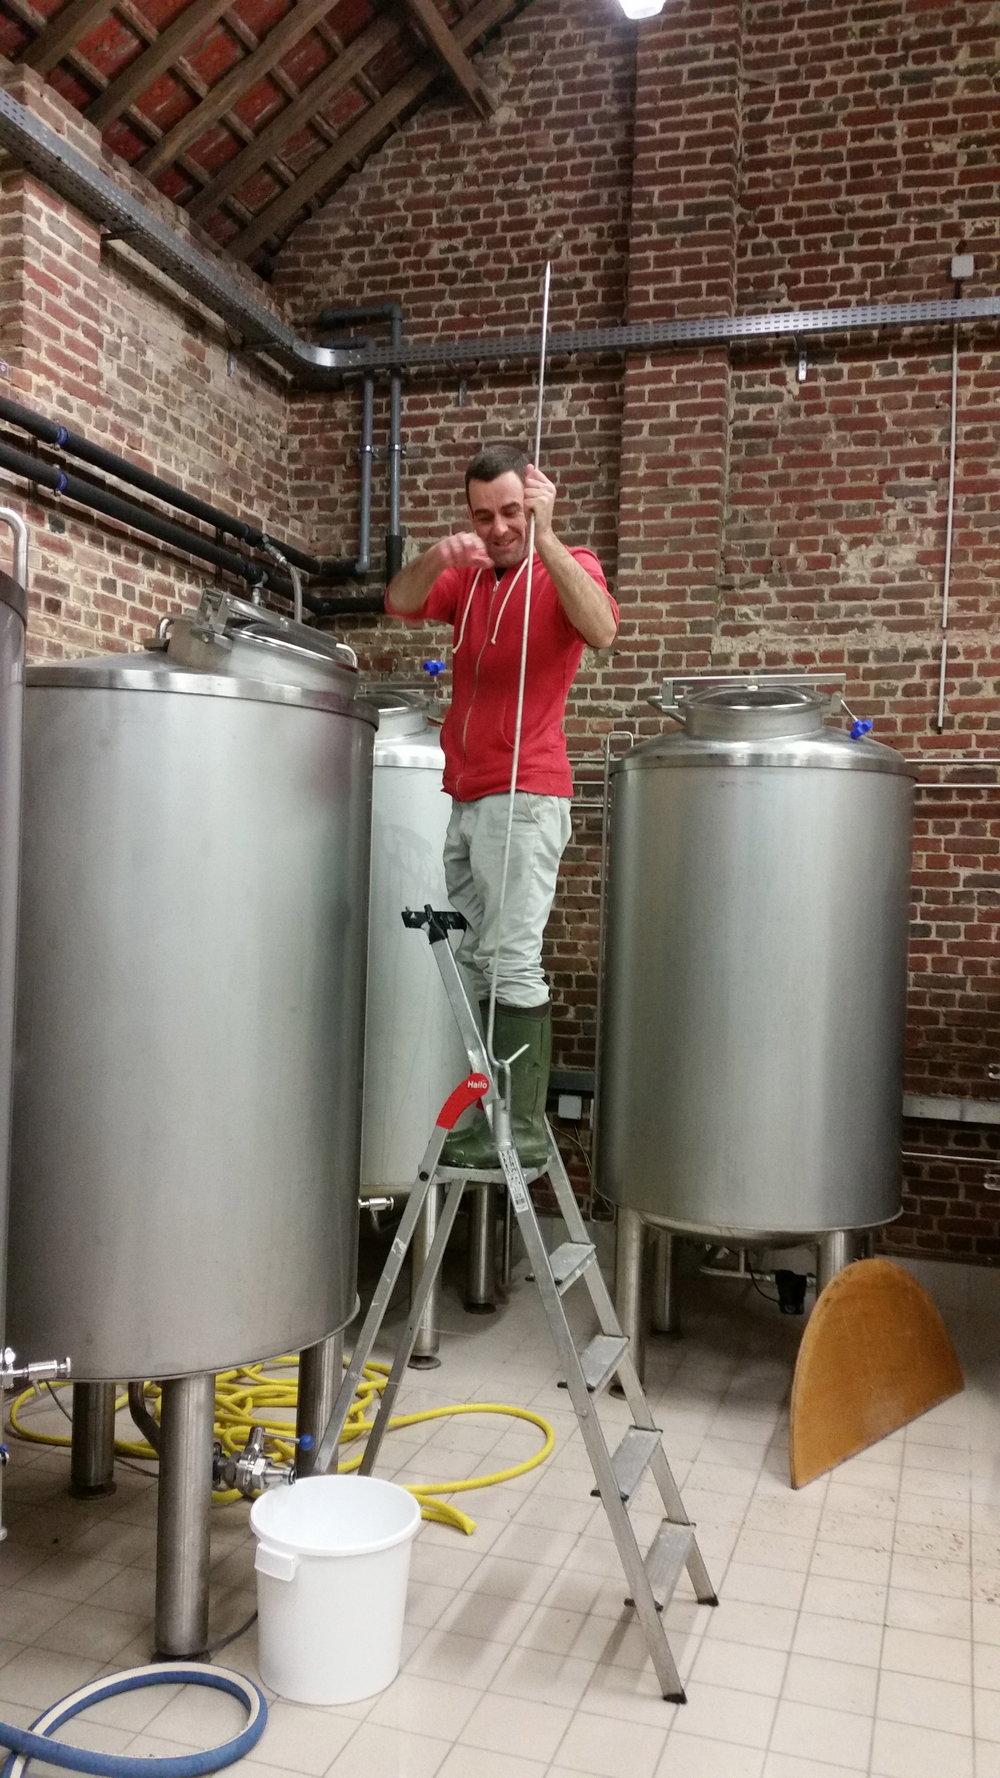 Ajout d'un dé dans la cuve de fermentation avant le transfert du moût.